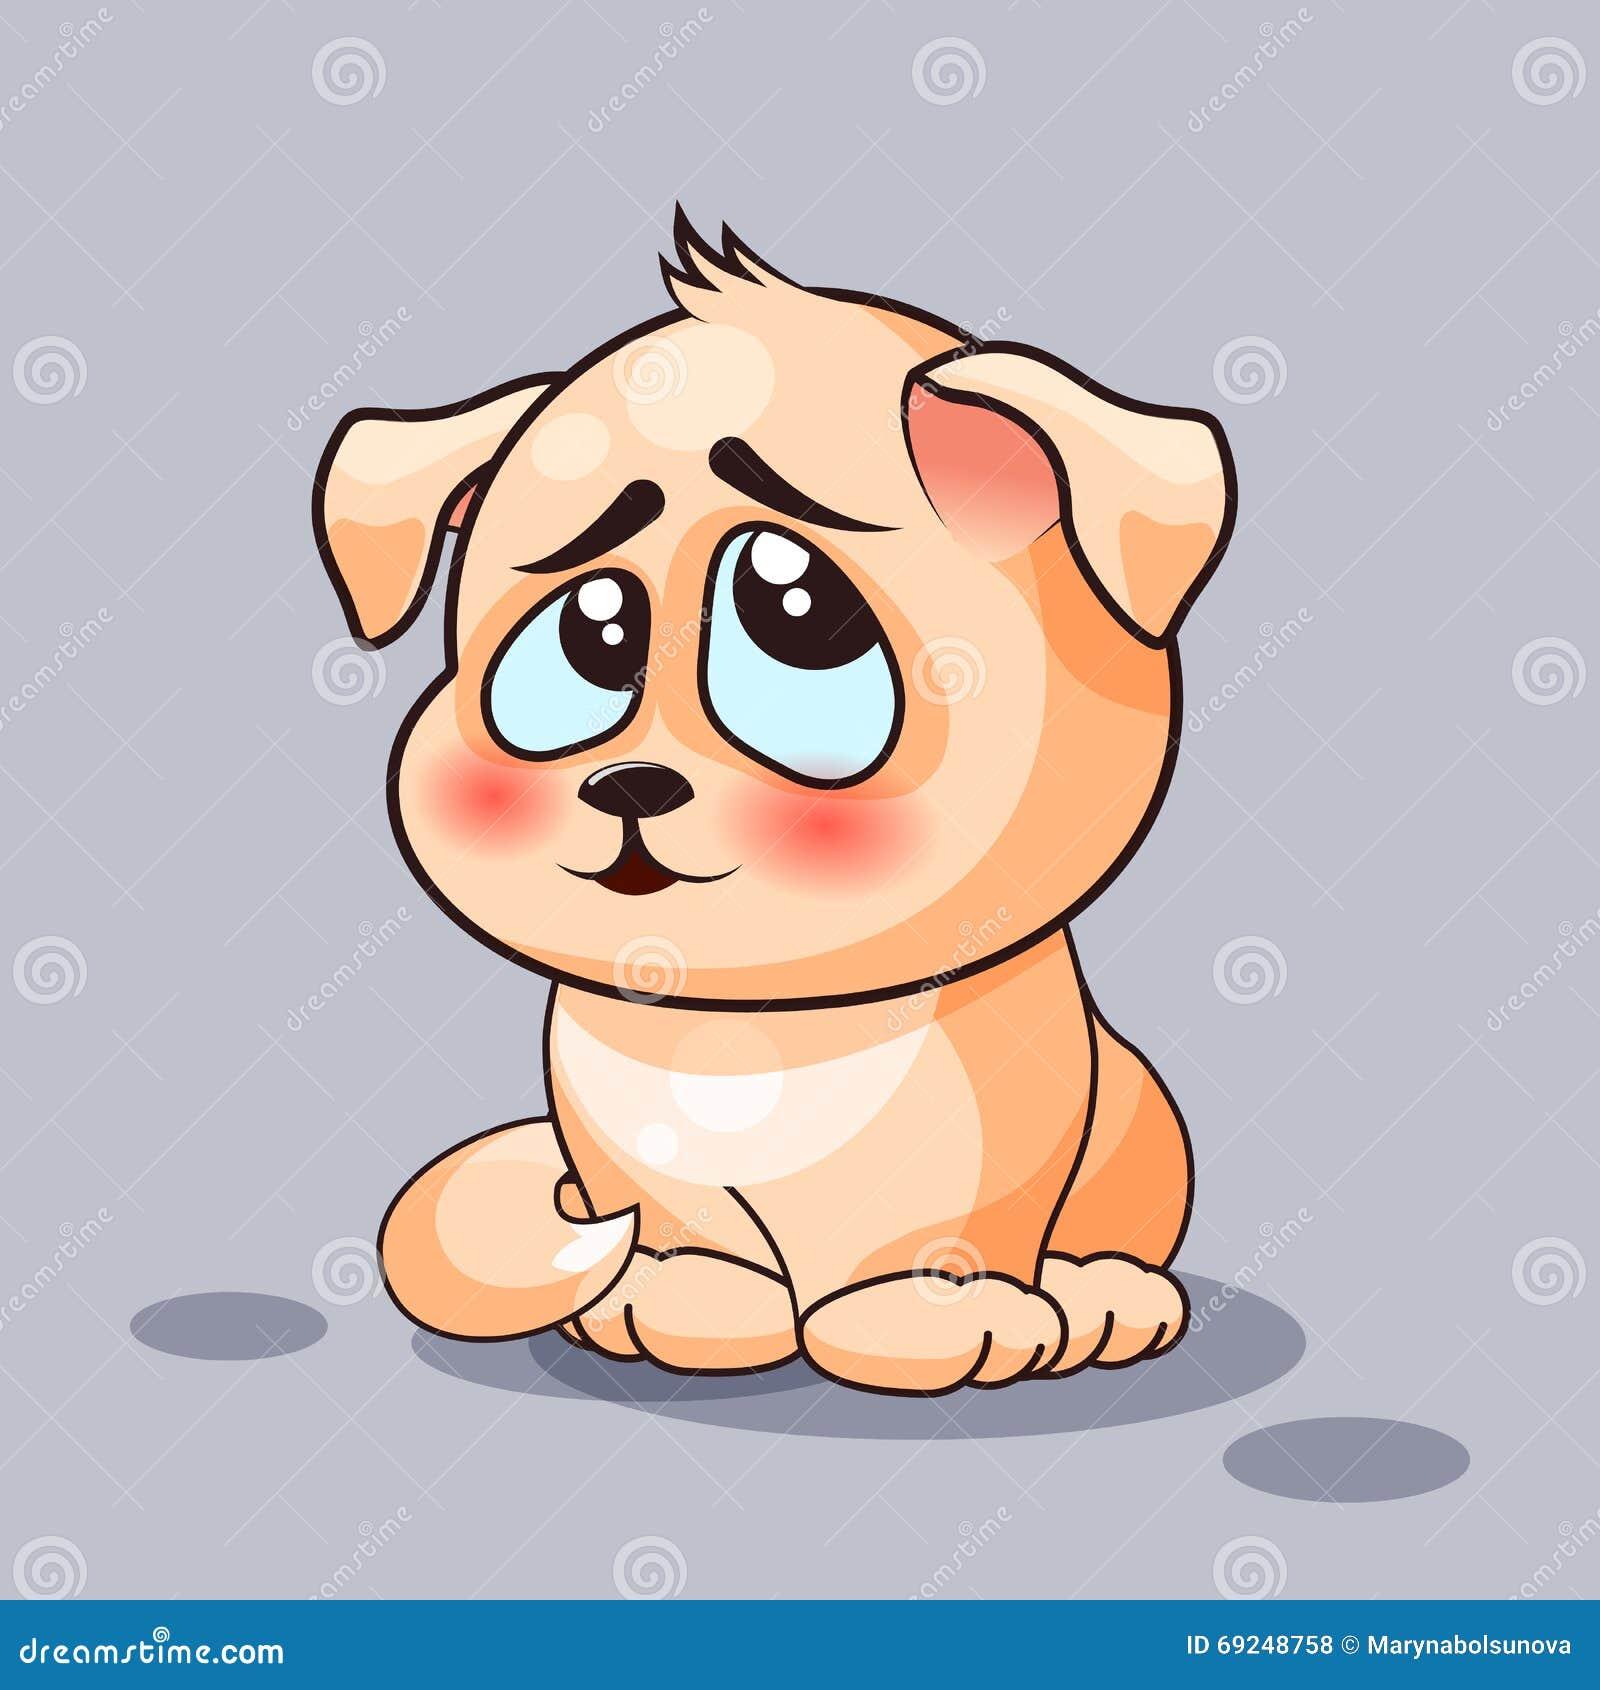 Hunden är förvirrad vektor illustrationer bild